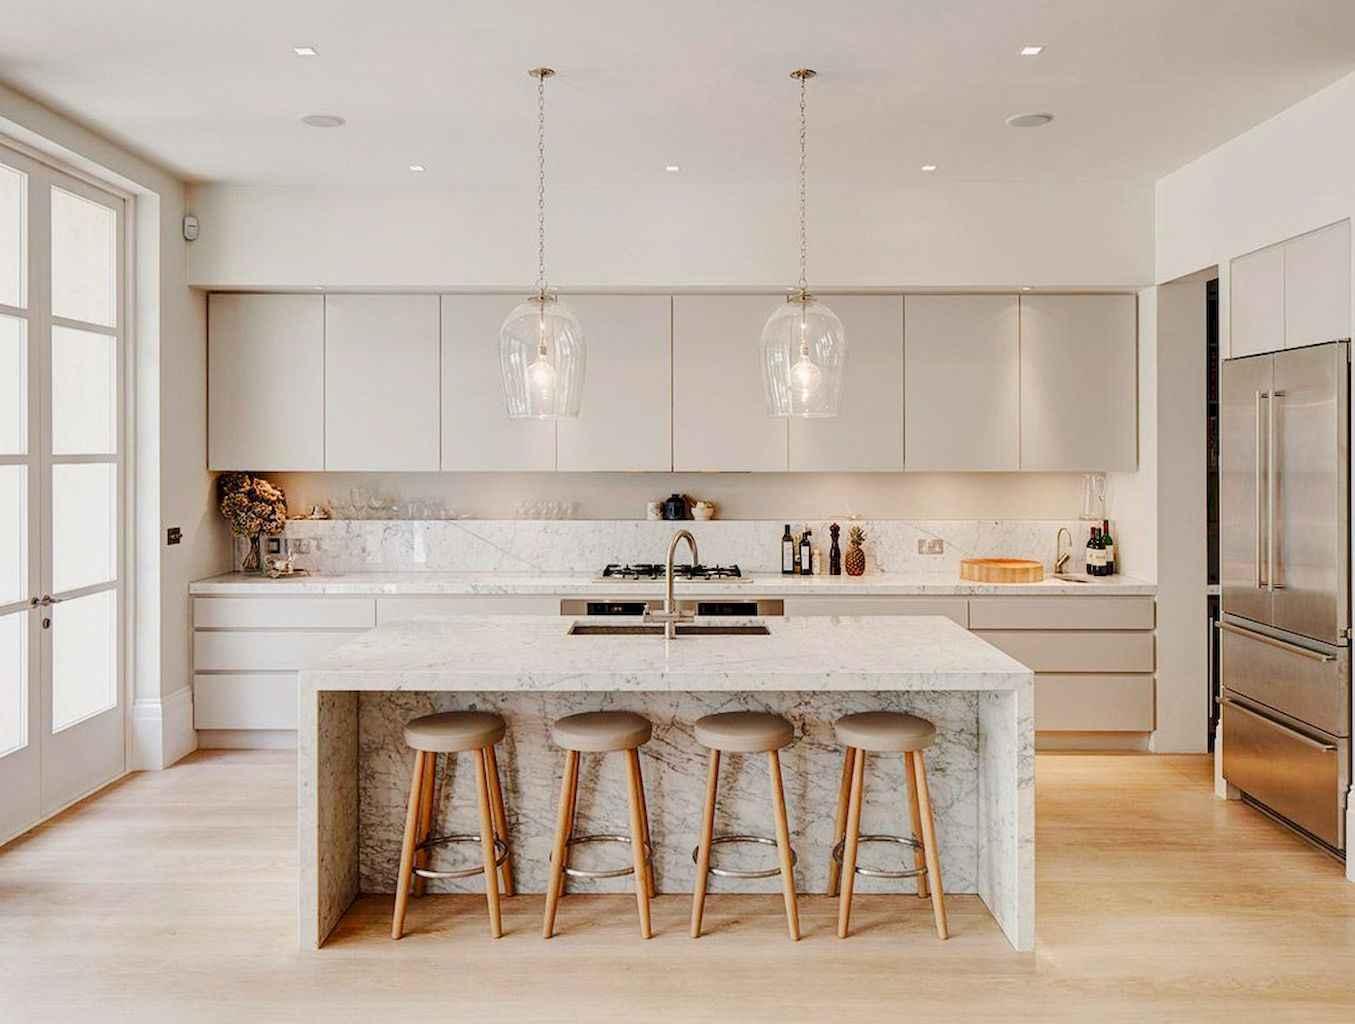 62 White Kitchen Cabinet Design Ideas